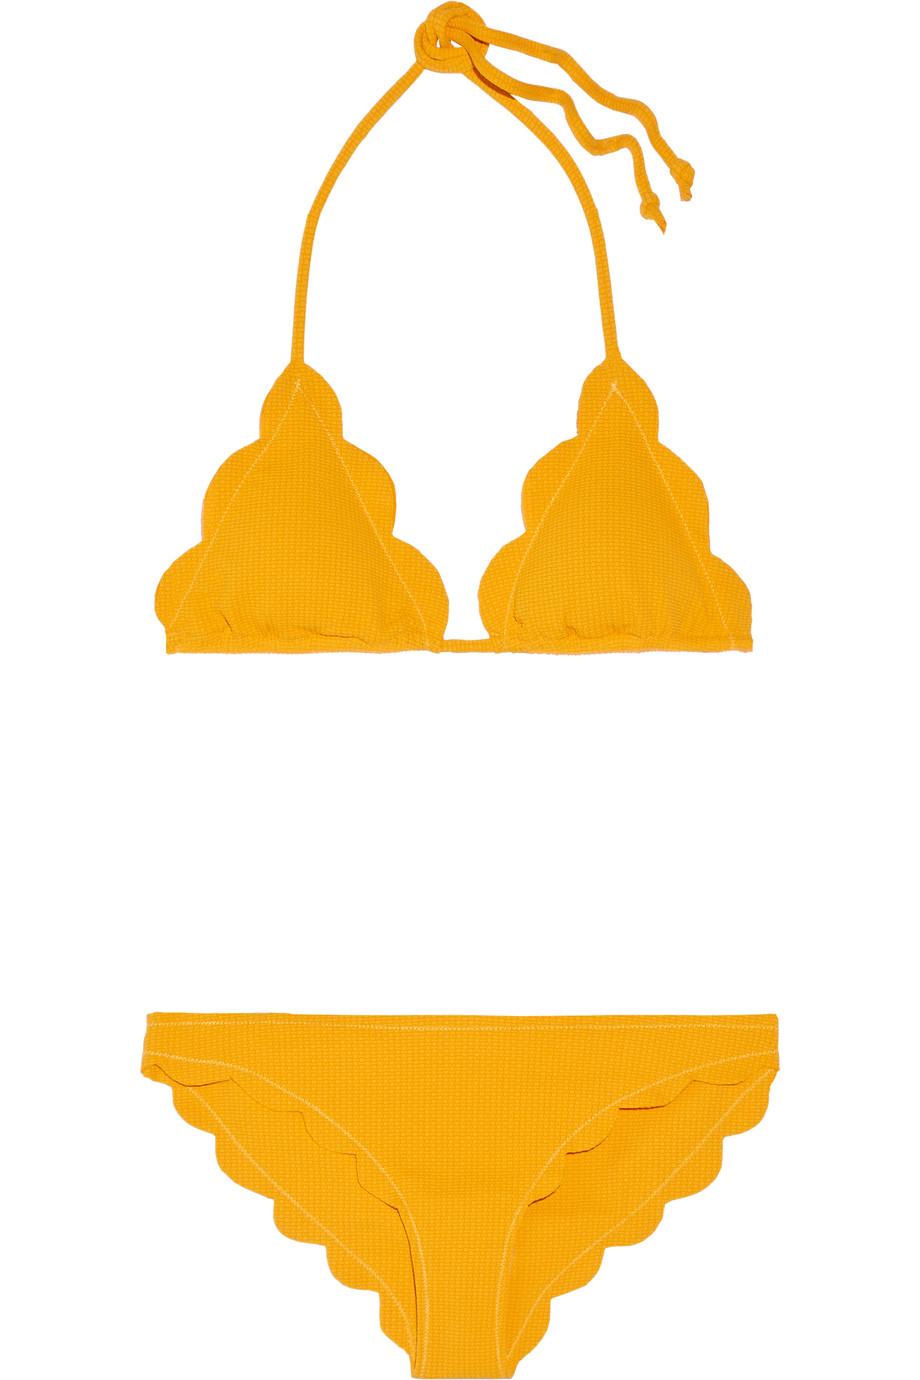 Marysia Broadway Scalloped Triangle Bikini, Saffron, Women's, Size: XS